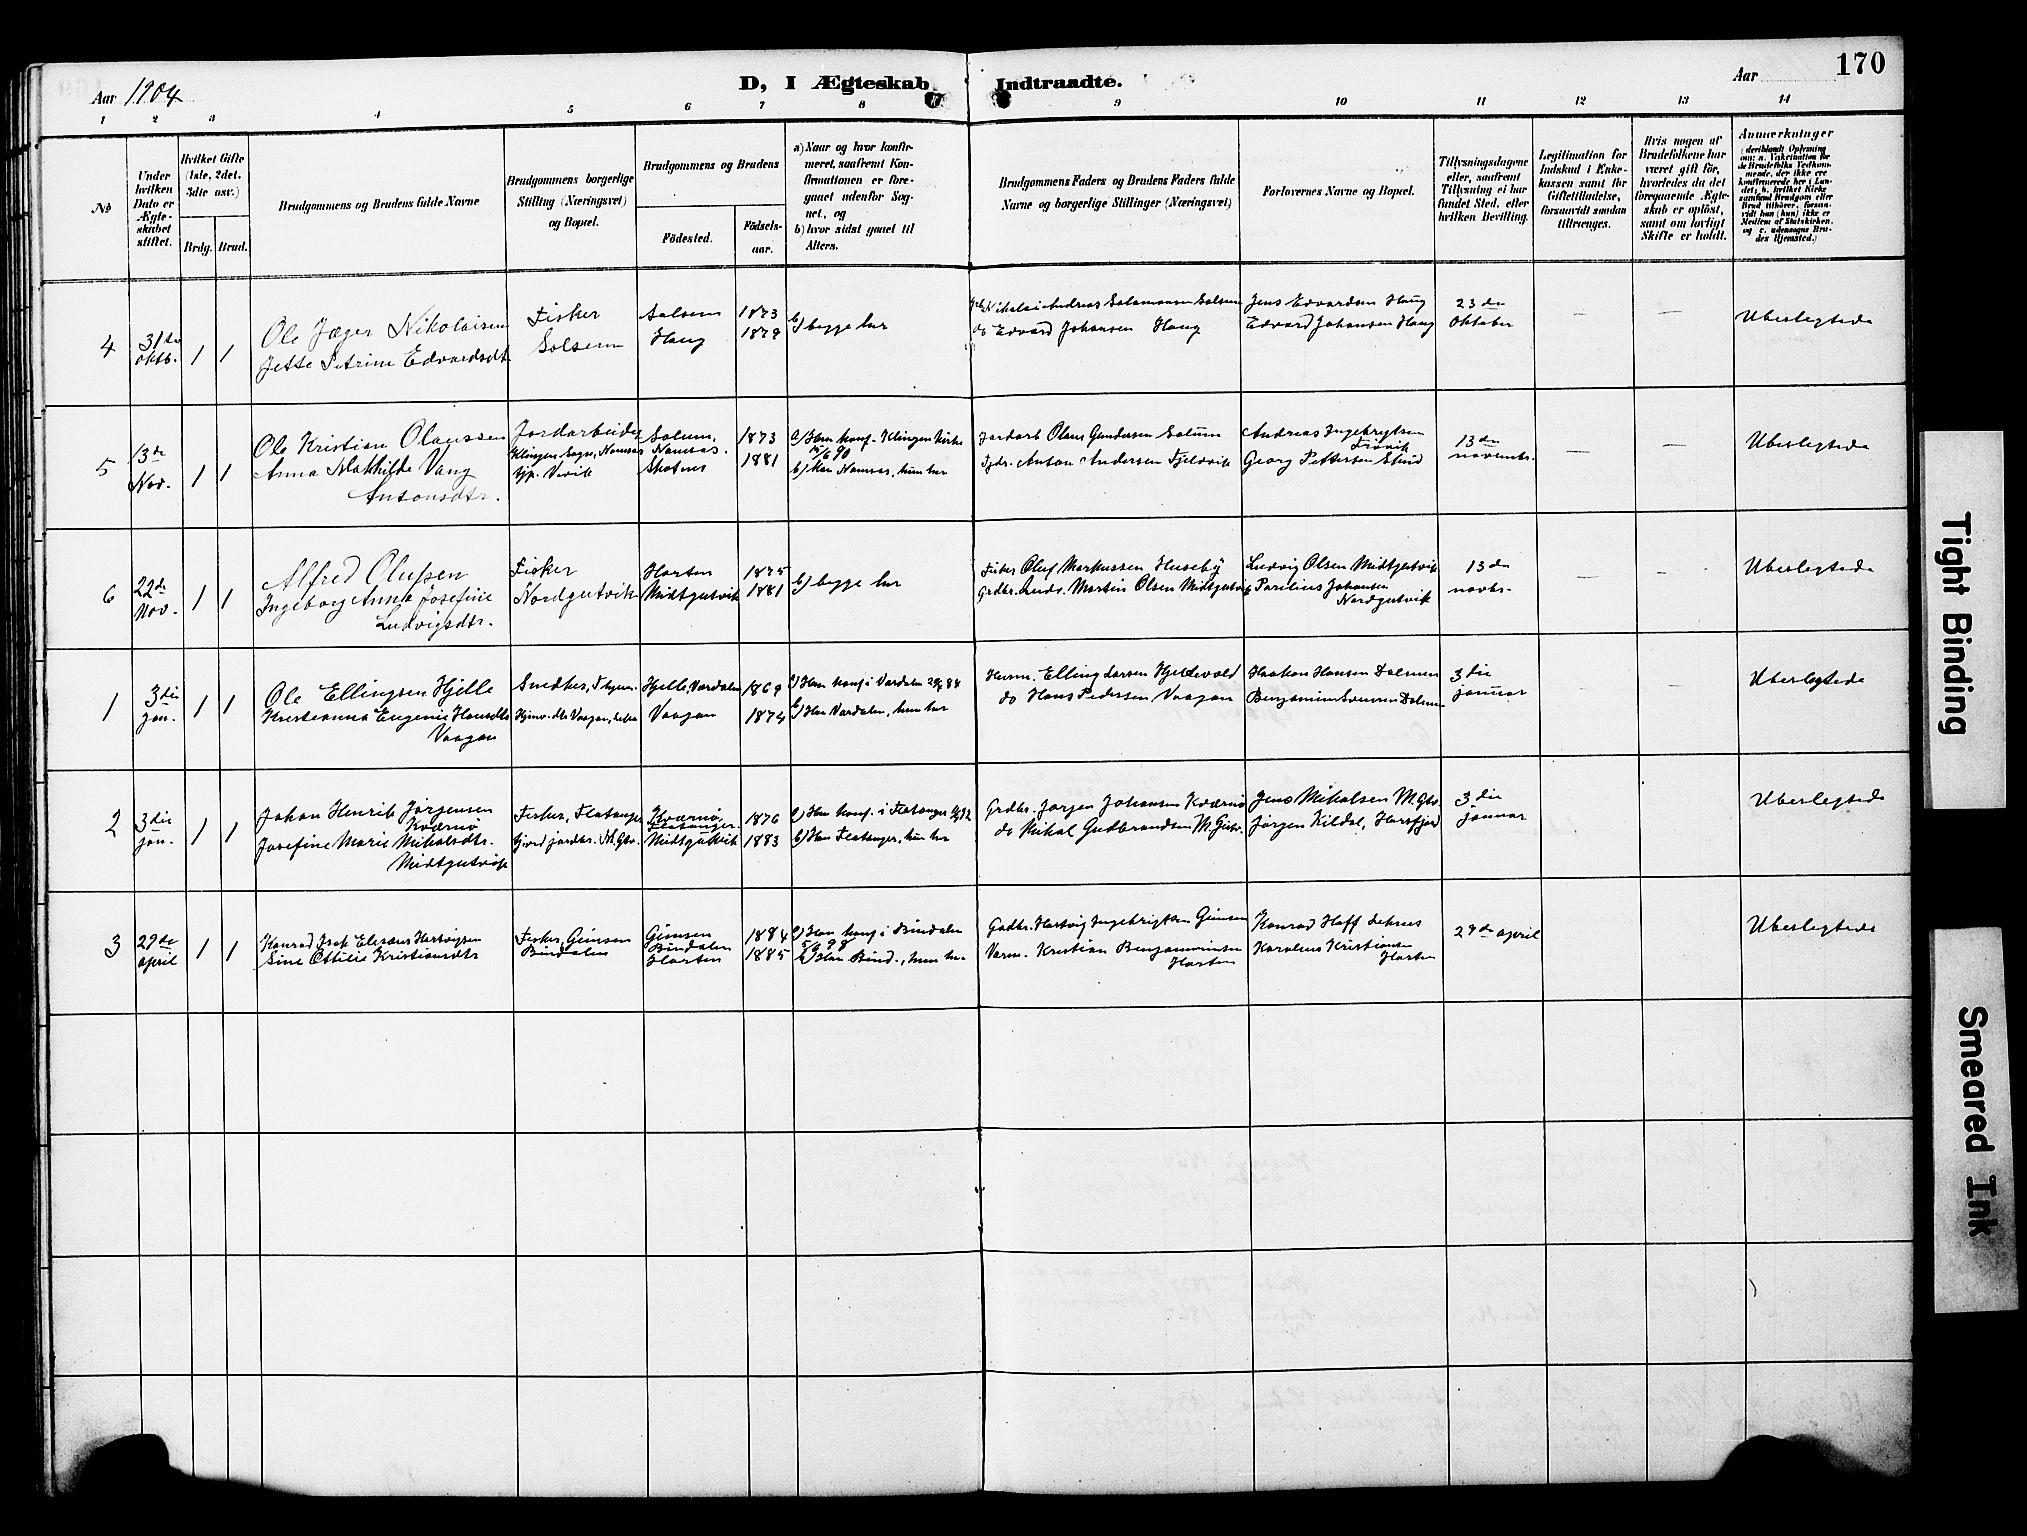 SAT, Ministerialprotokoller, klokkerbøker og fødselsregistre - Nord-Trøndelag, 788/L0701: Klokkerbok nr. 788C01, 1888-1913, s. 170